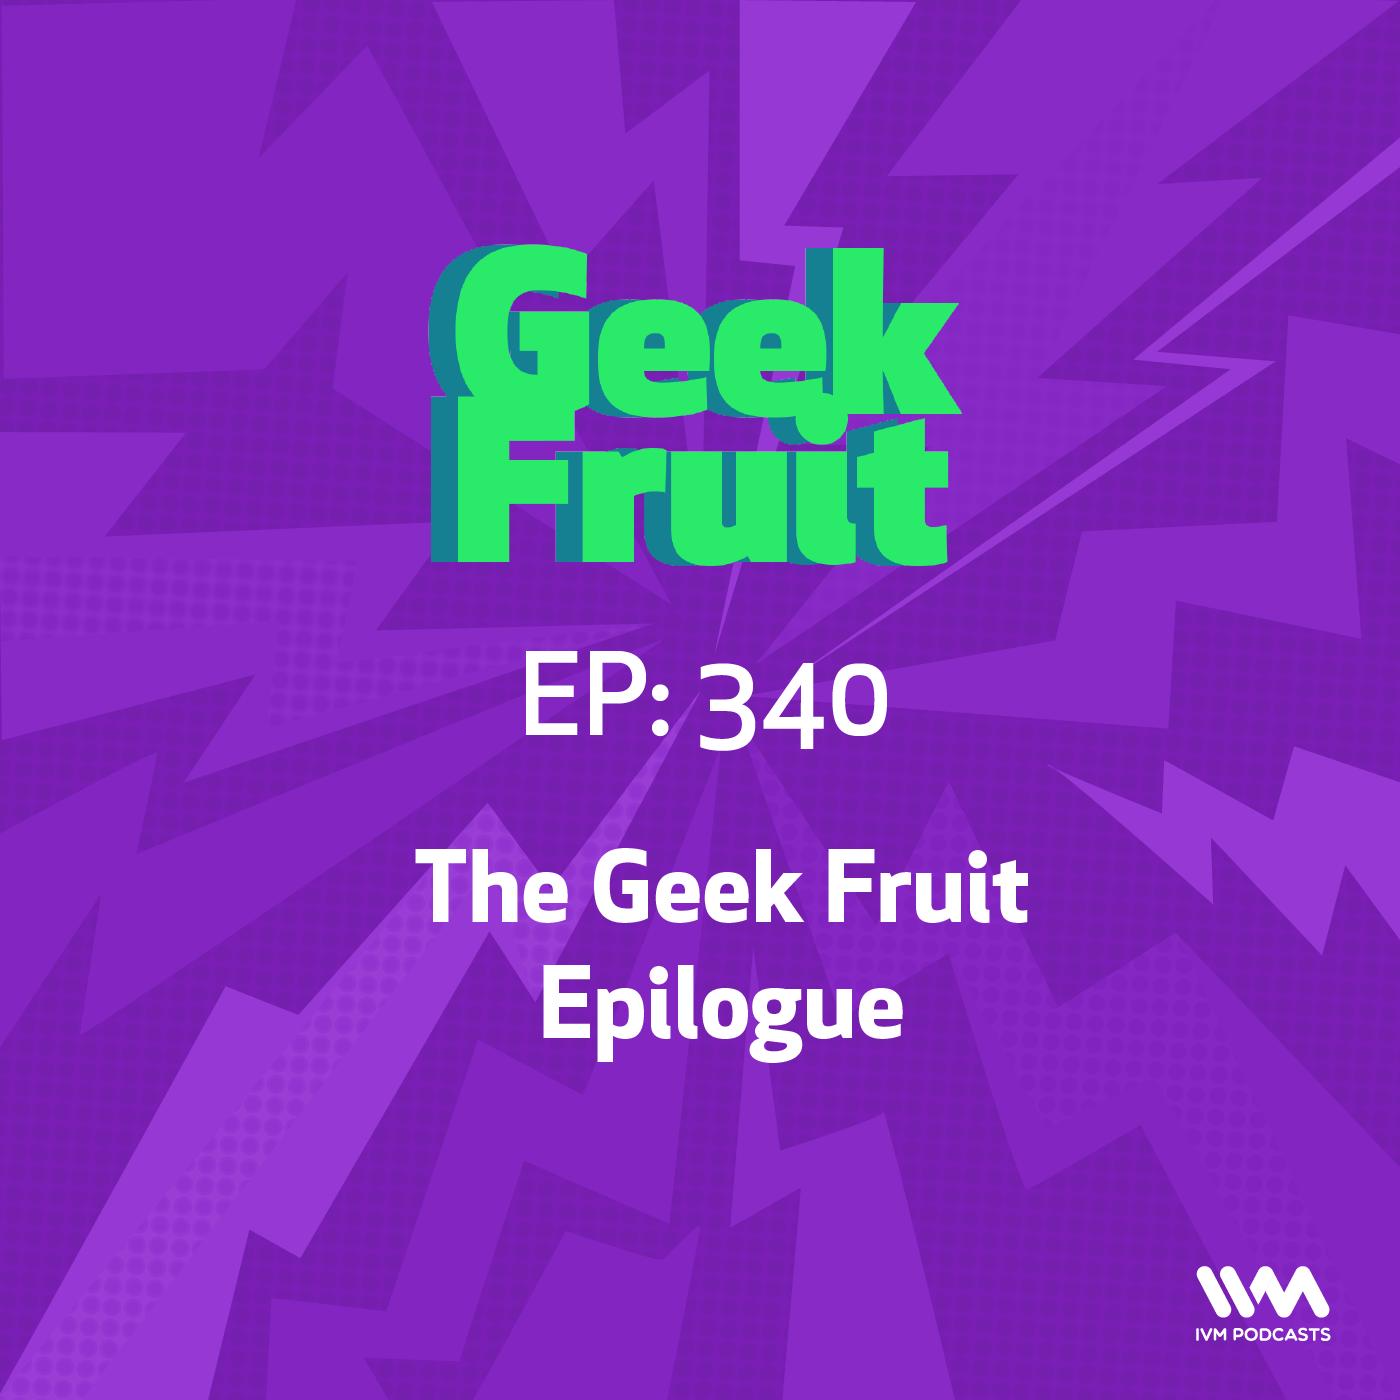 Ep. 340: The Geek Fruit Epilogue